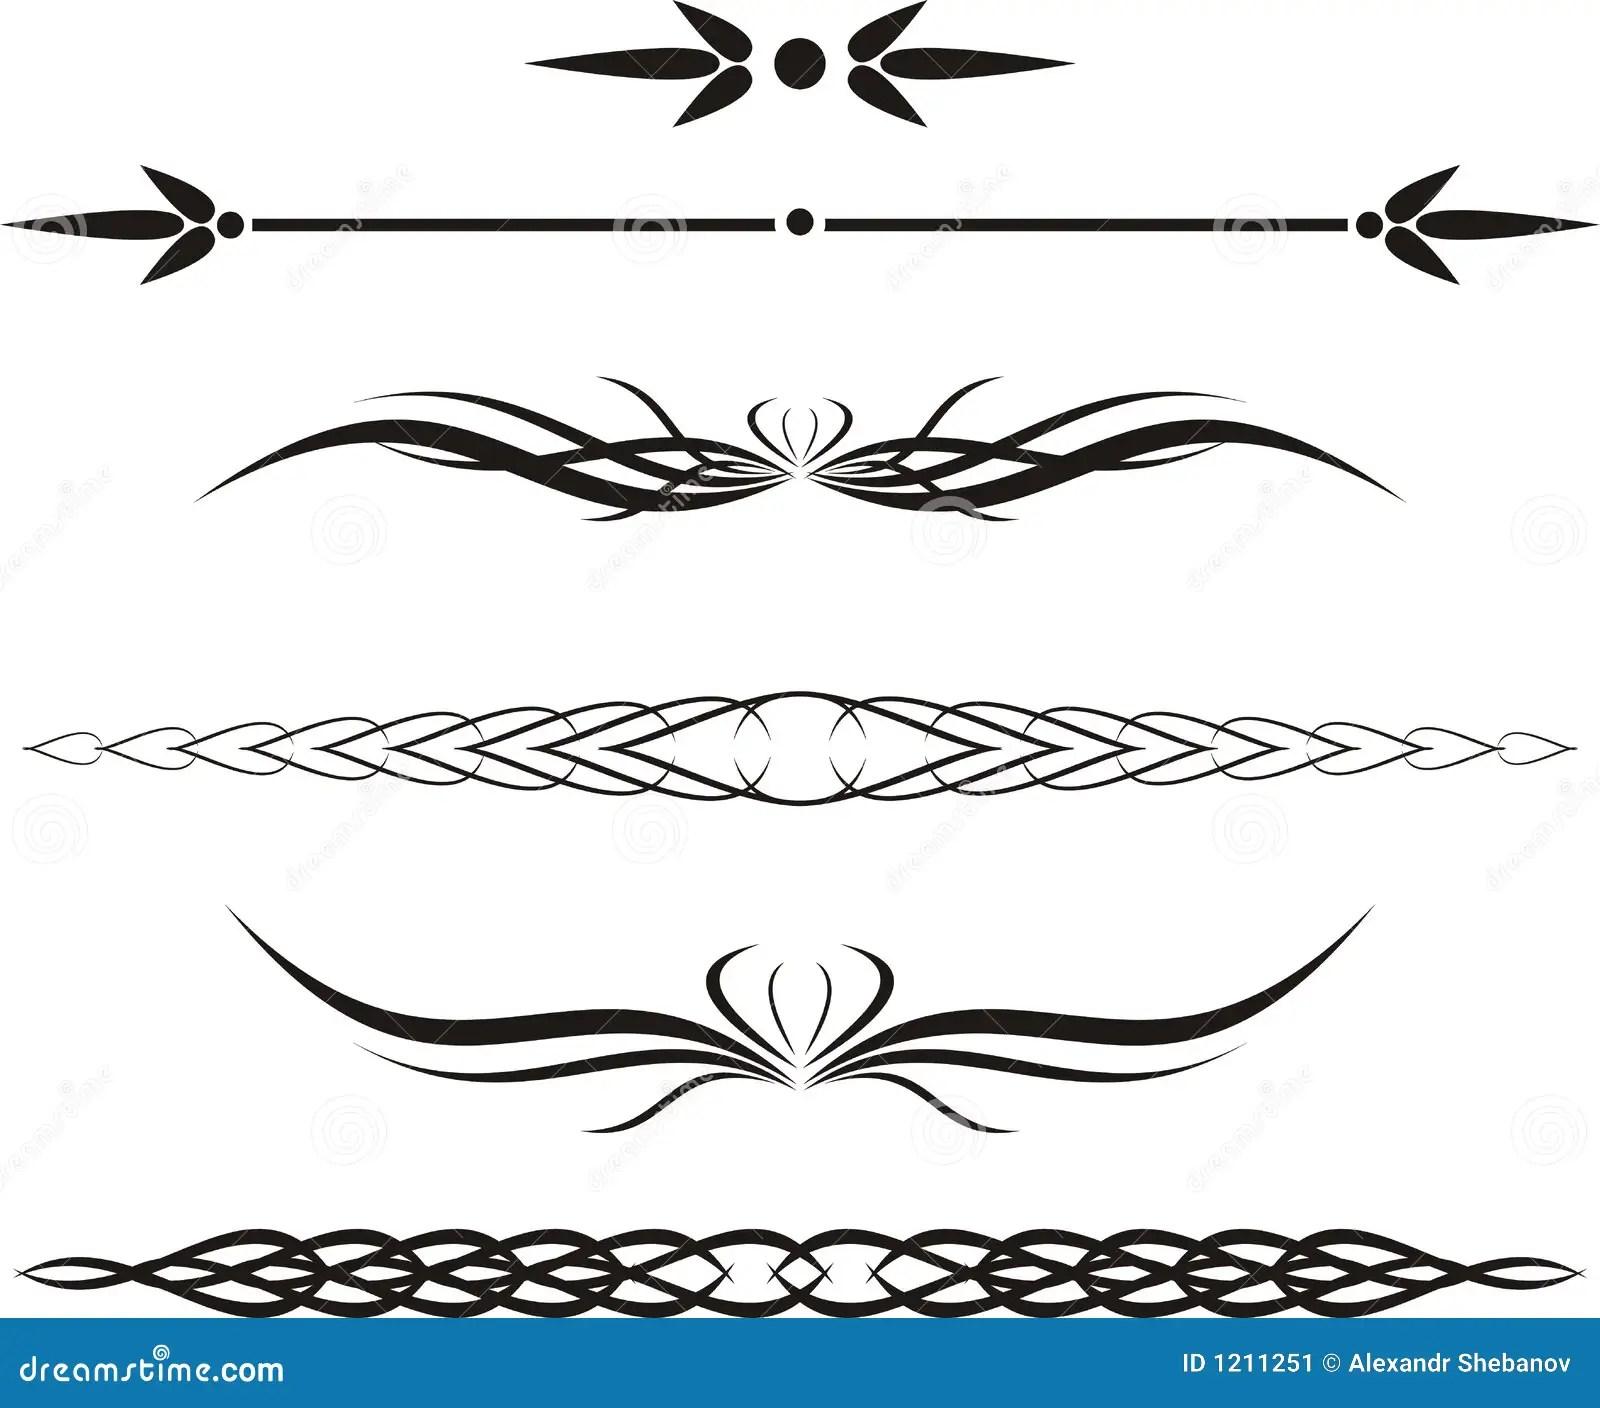 Scroll Cartouche Decor Vector Stock Image